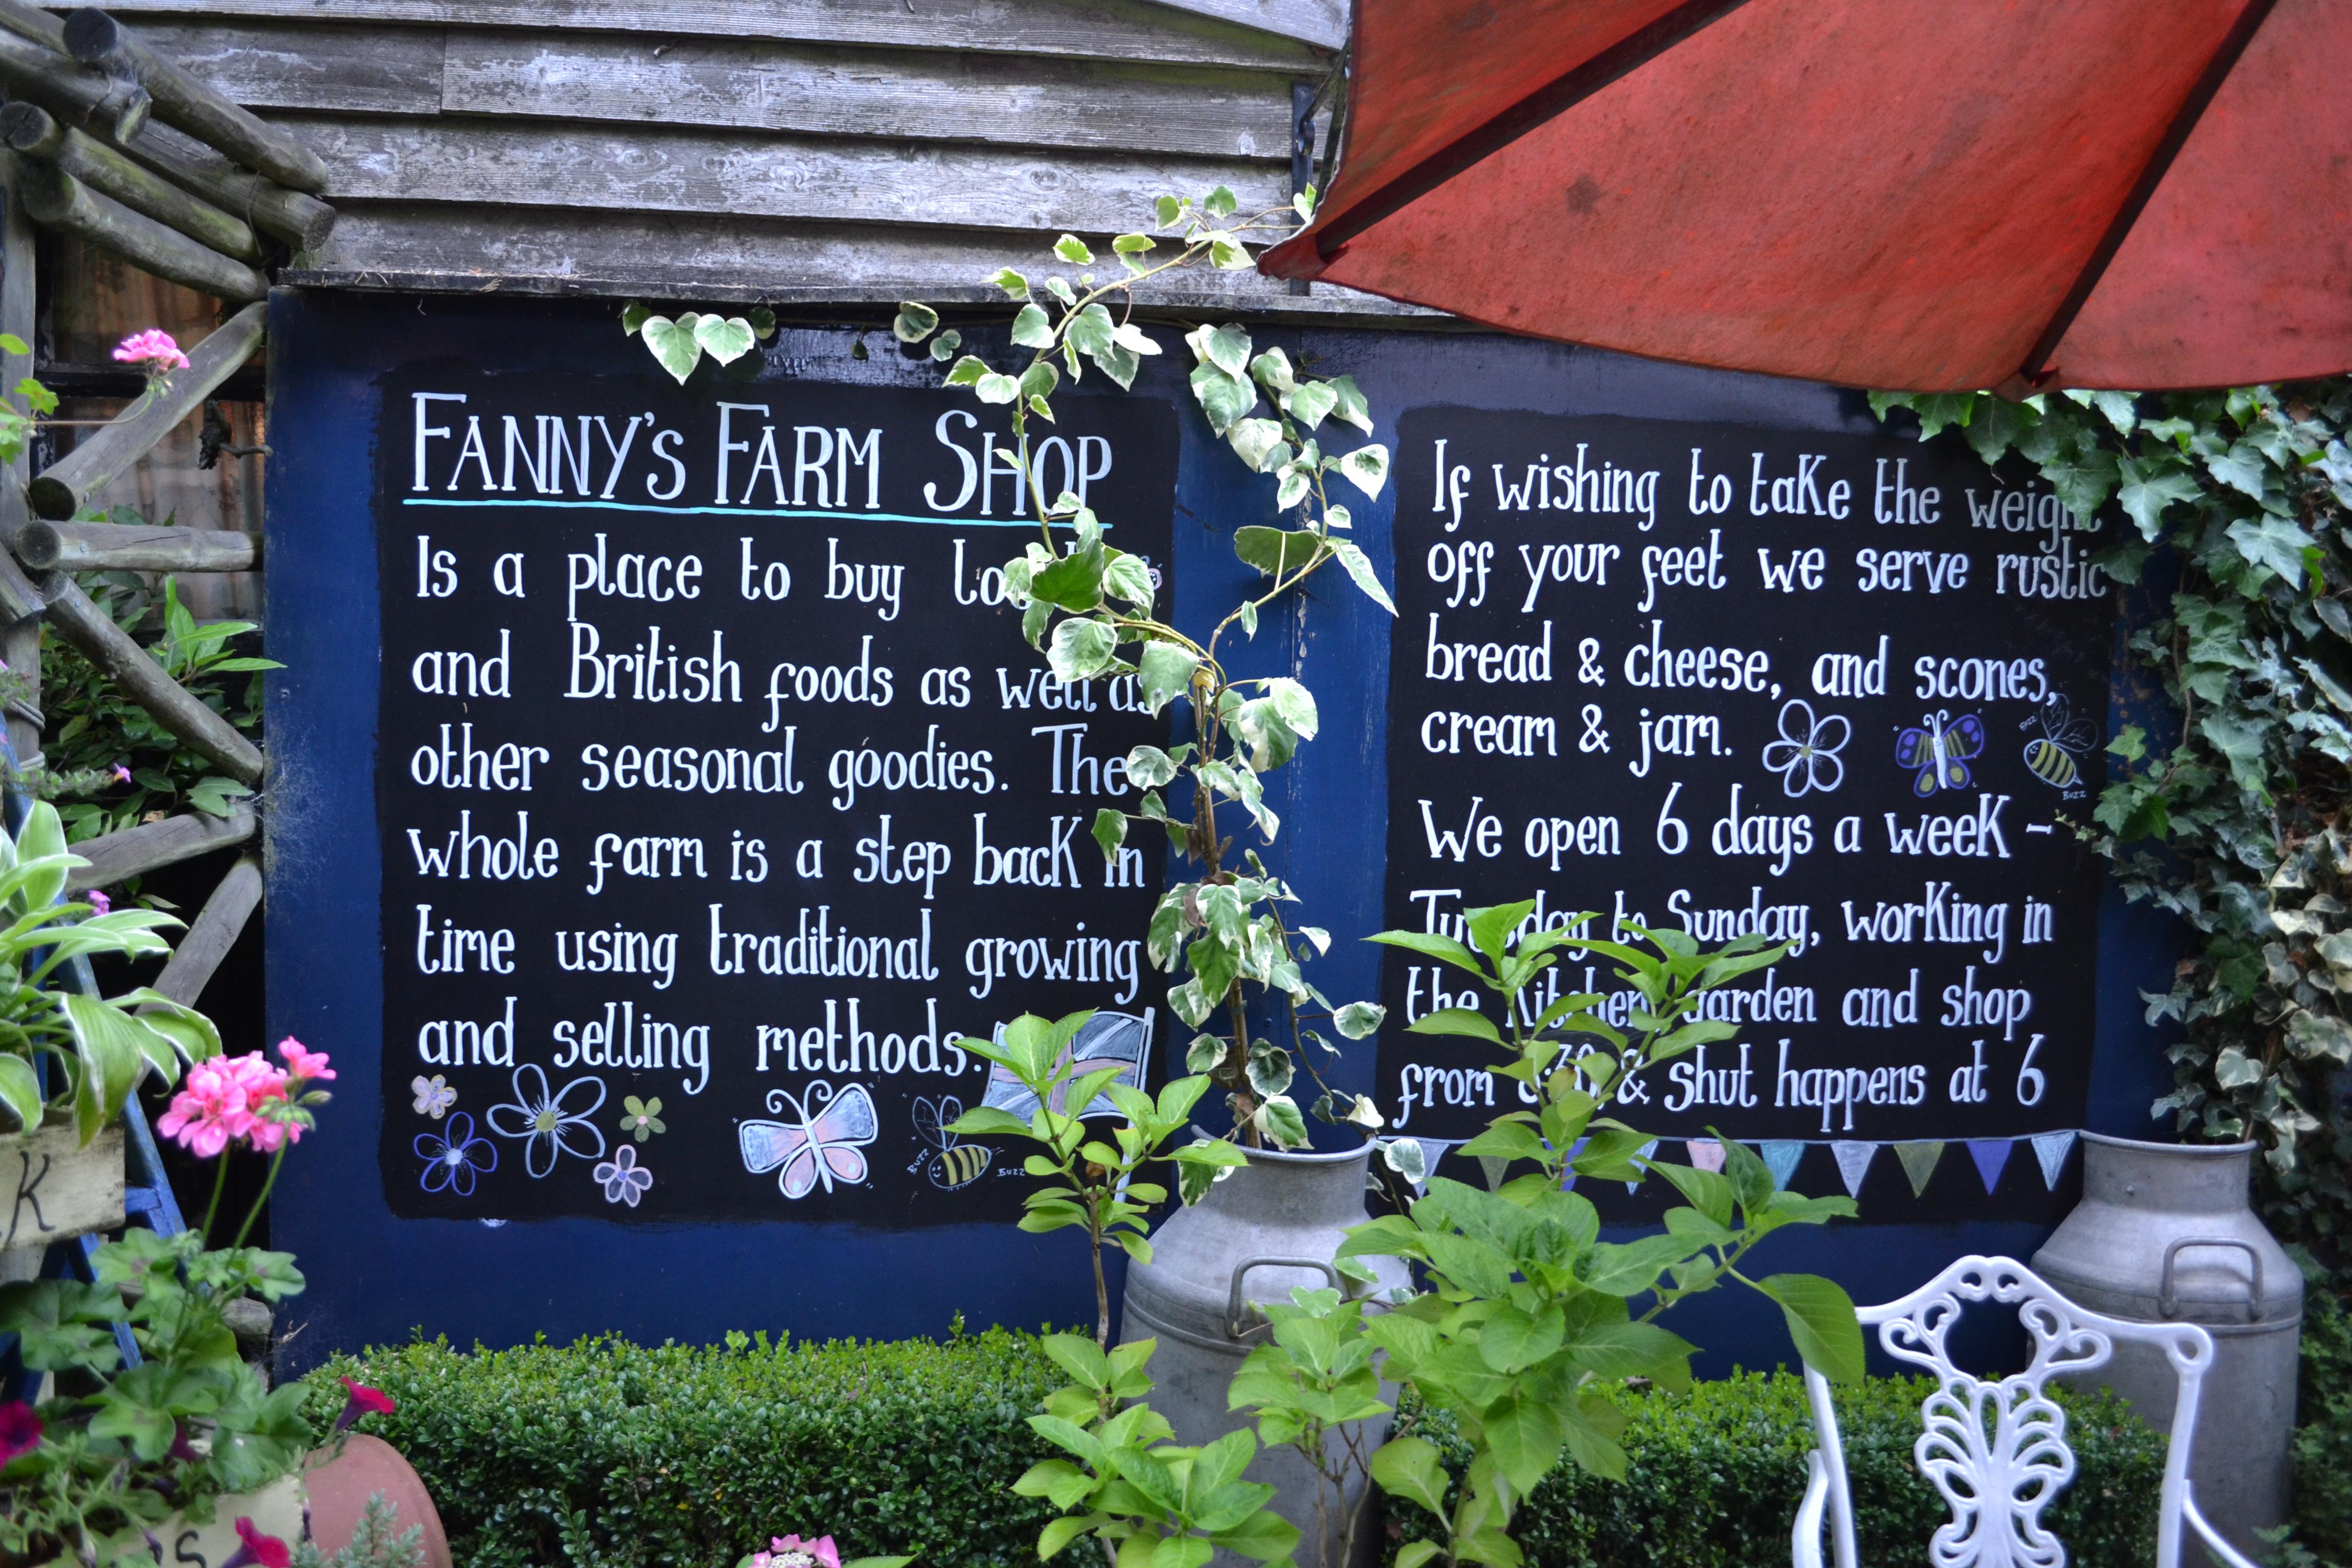 Fanny's Farm chalkboard